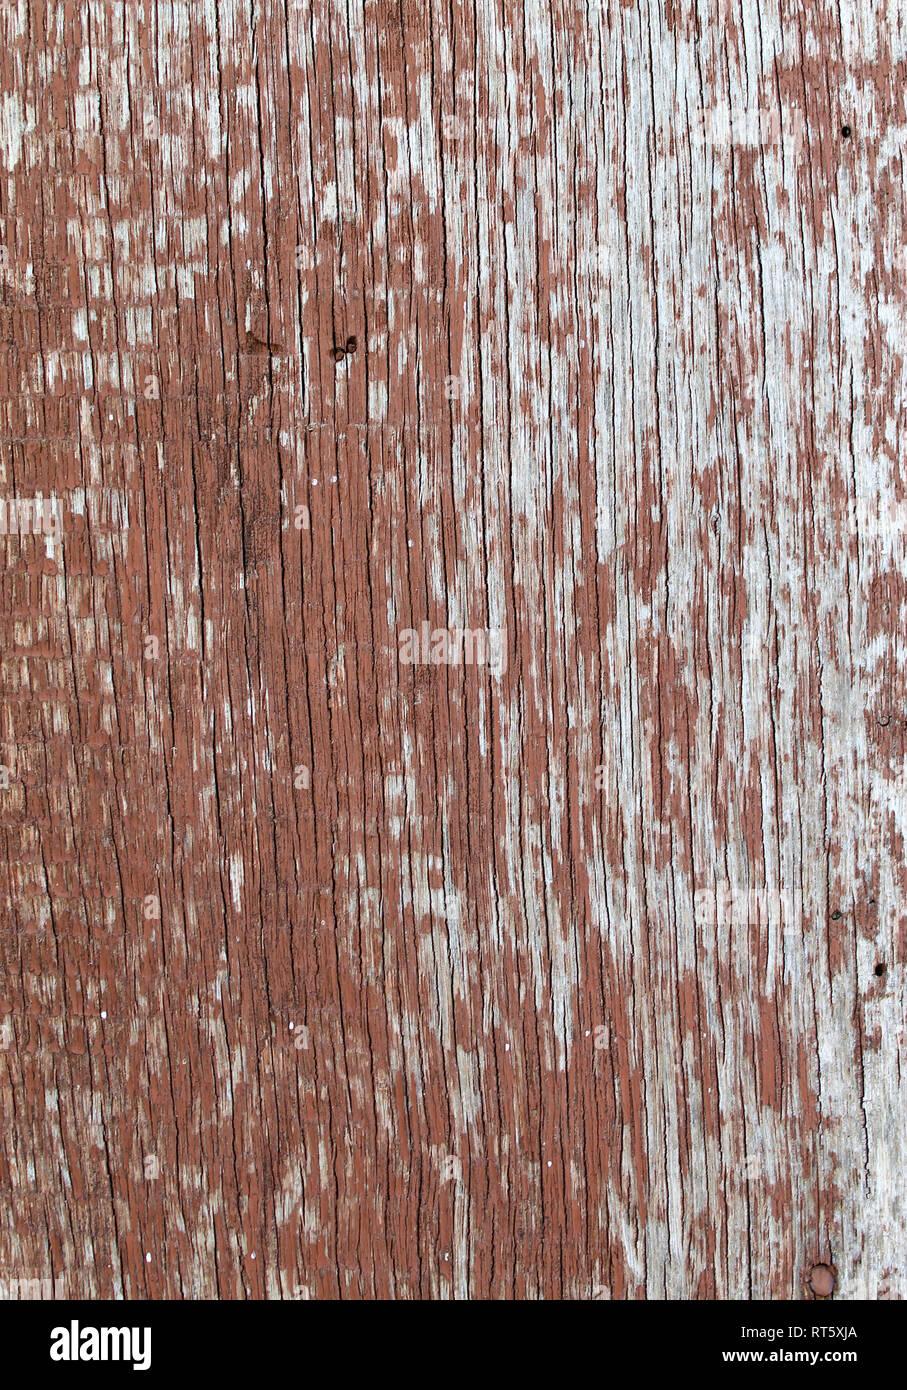 Vecchio sfondo in legno con resti di pezzi di scarti di vernice vecchia su  legno. 226c896a6747